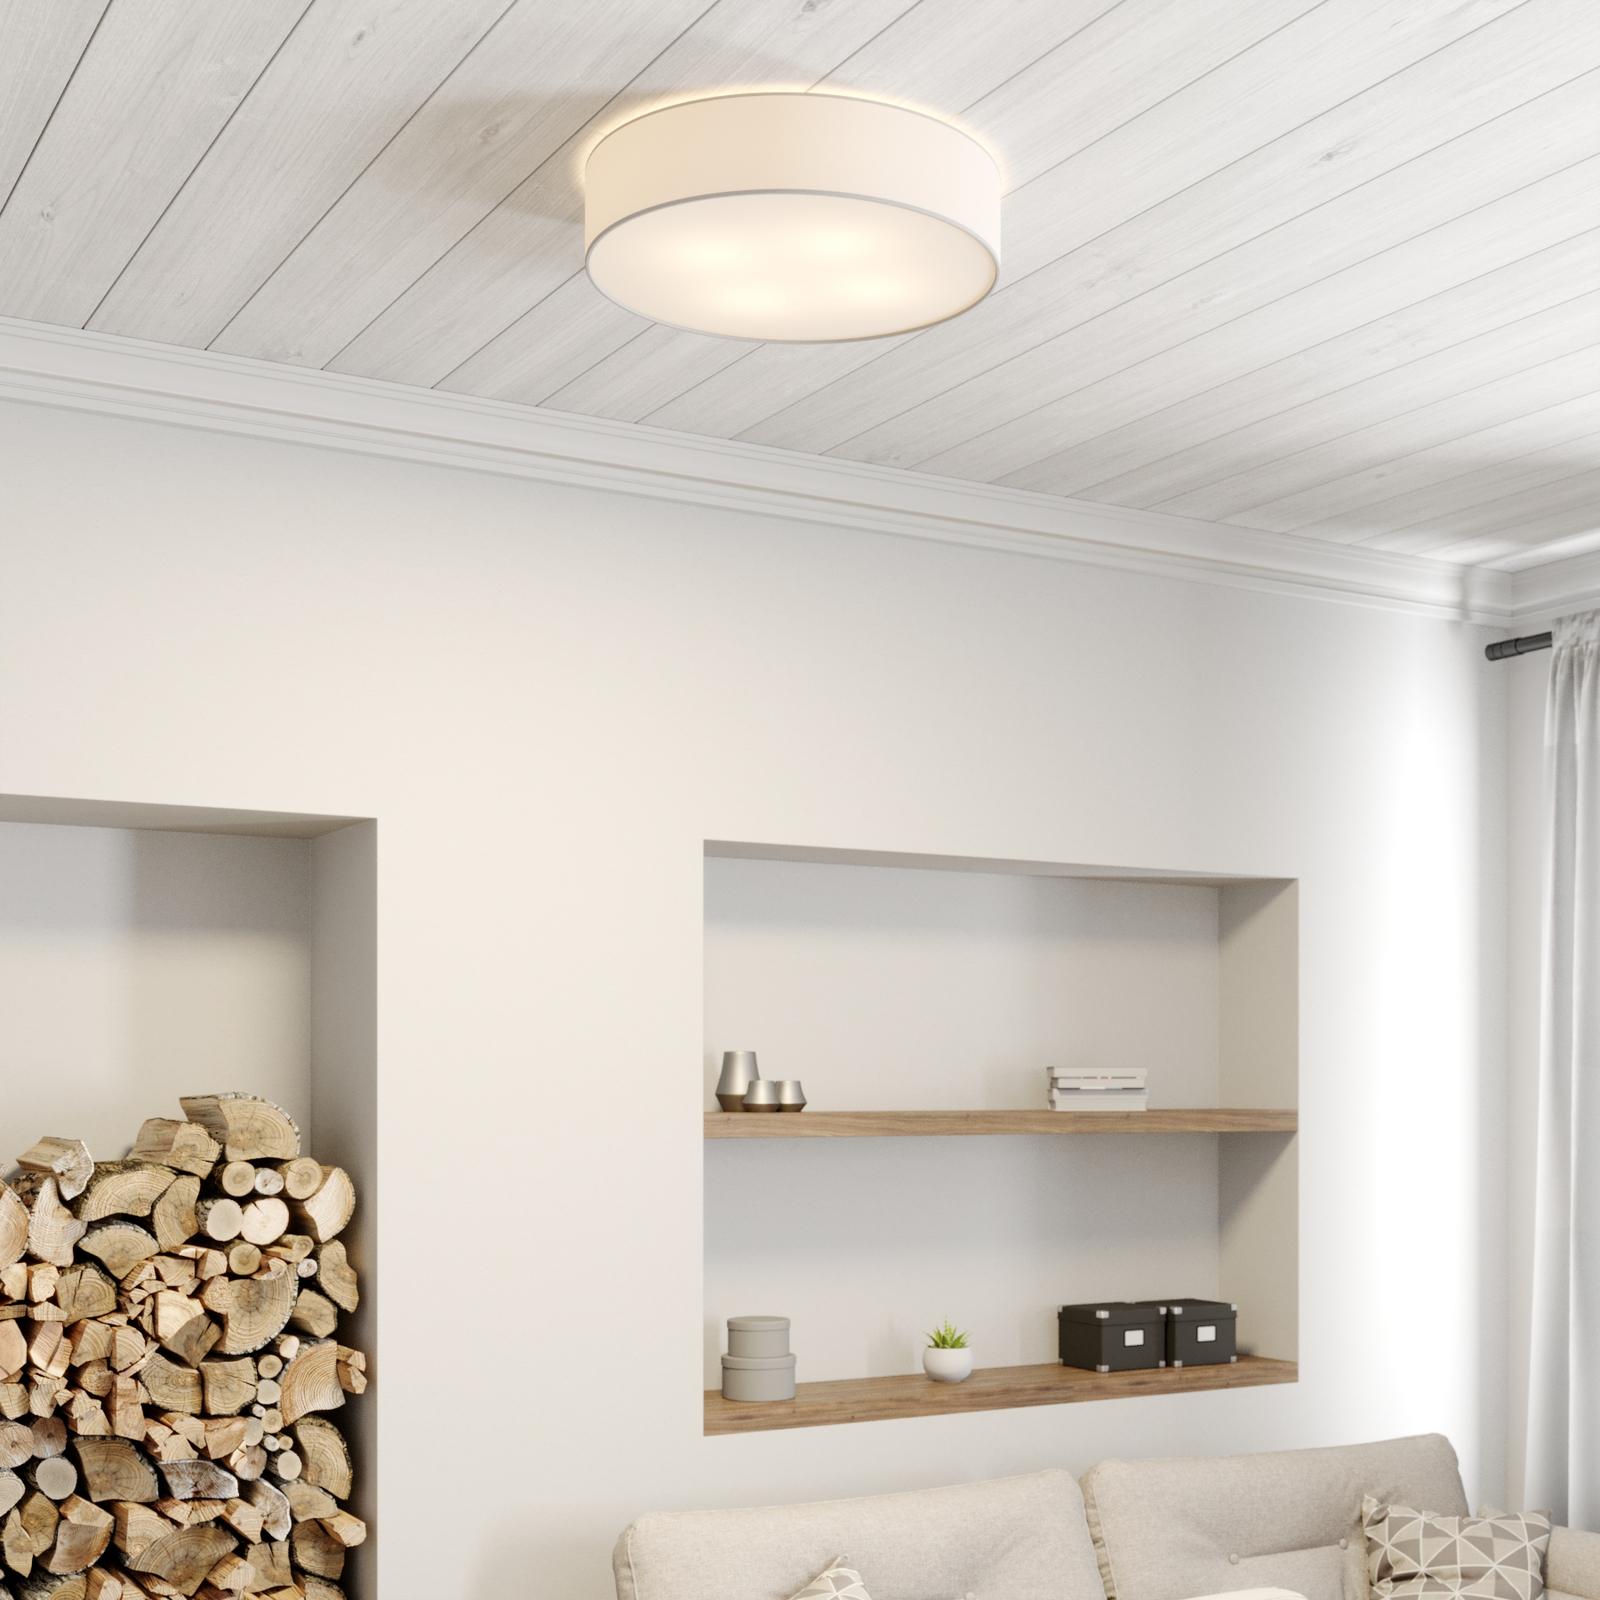 Deckenleuchte Cassy mit Blende, weiß, Ø 58 cm